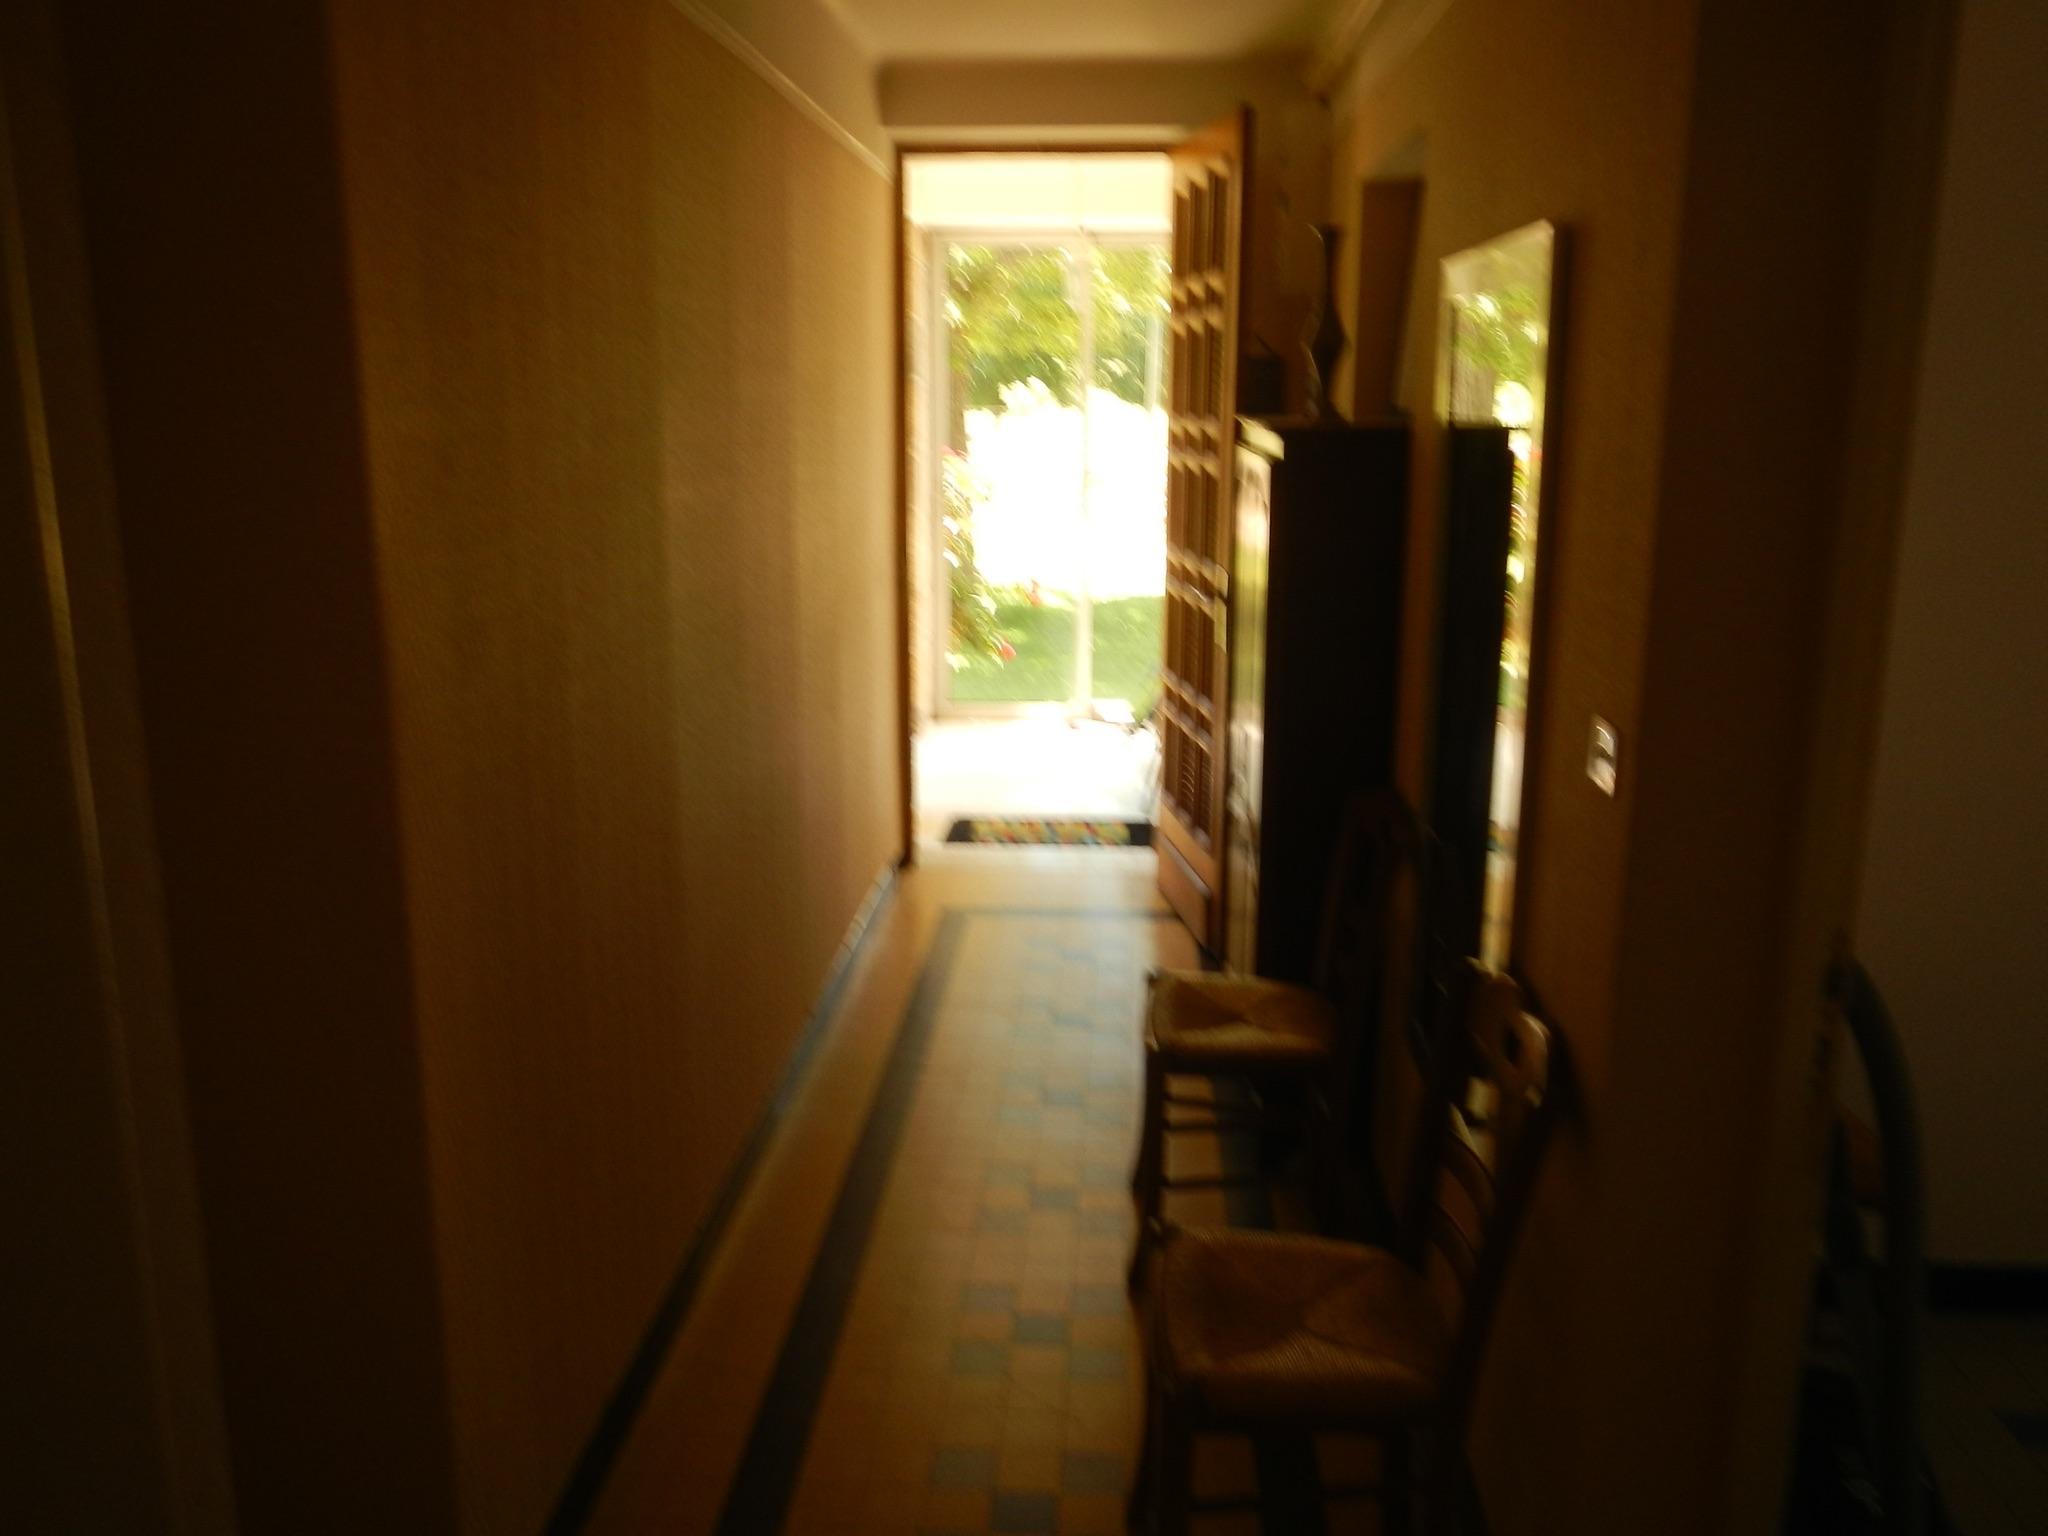 Ferienhaus Haus mit 6 Zimmern in Banassac mit toller Aussicht auf die Berge und eingezäuntem Garten - (2202056), Banassac, Lozère, Languedoc-Roussillon, Frankreich, Bild 17